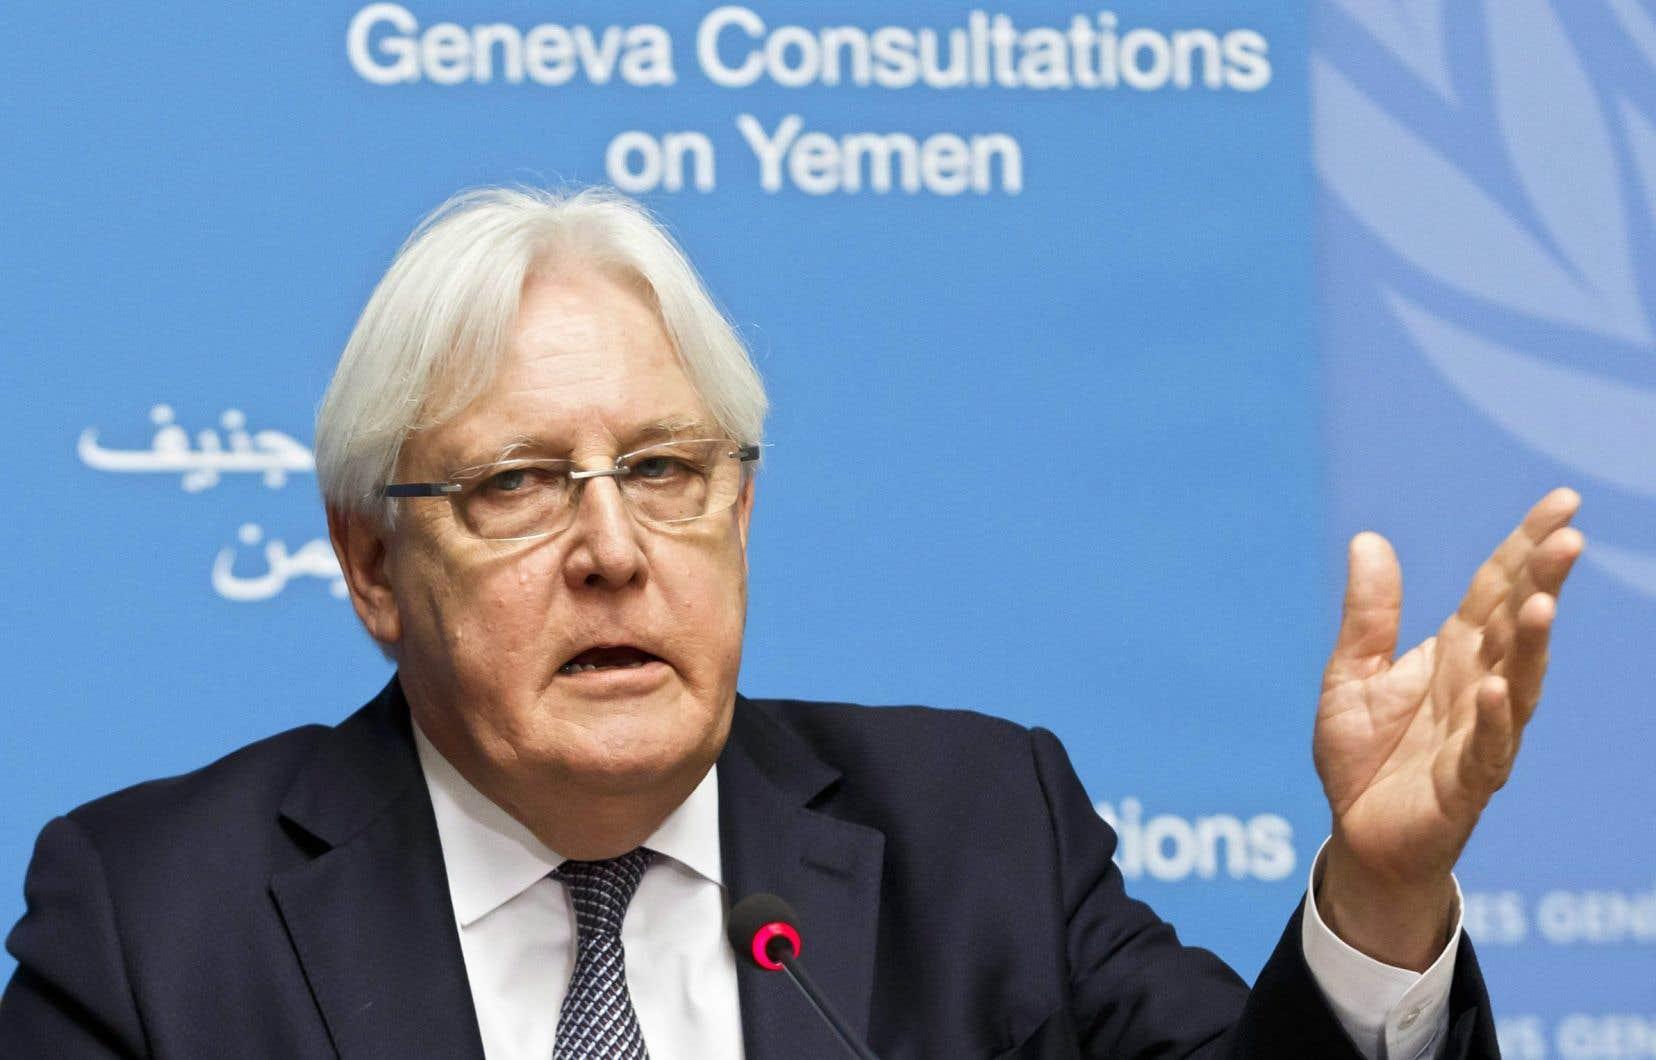 L'émissaire de l'ONU pour le Yémen Martin Griffiths